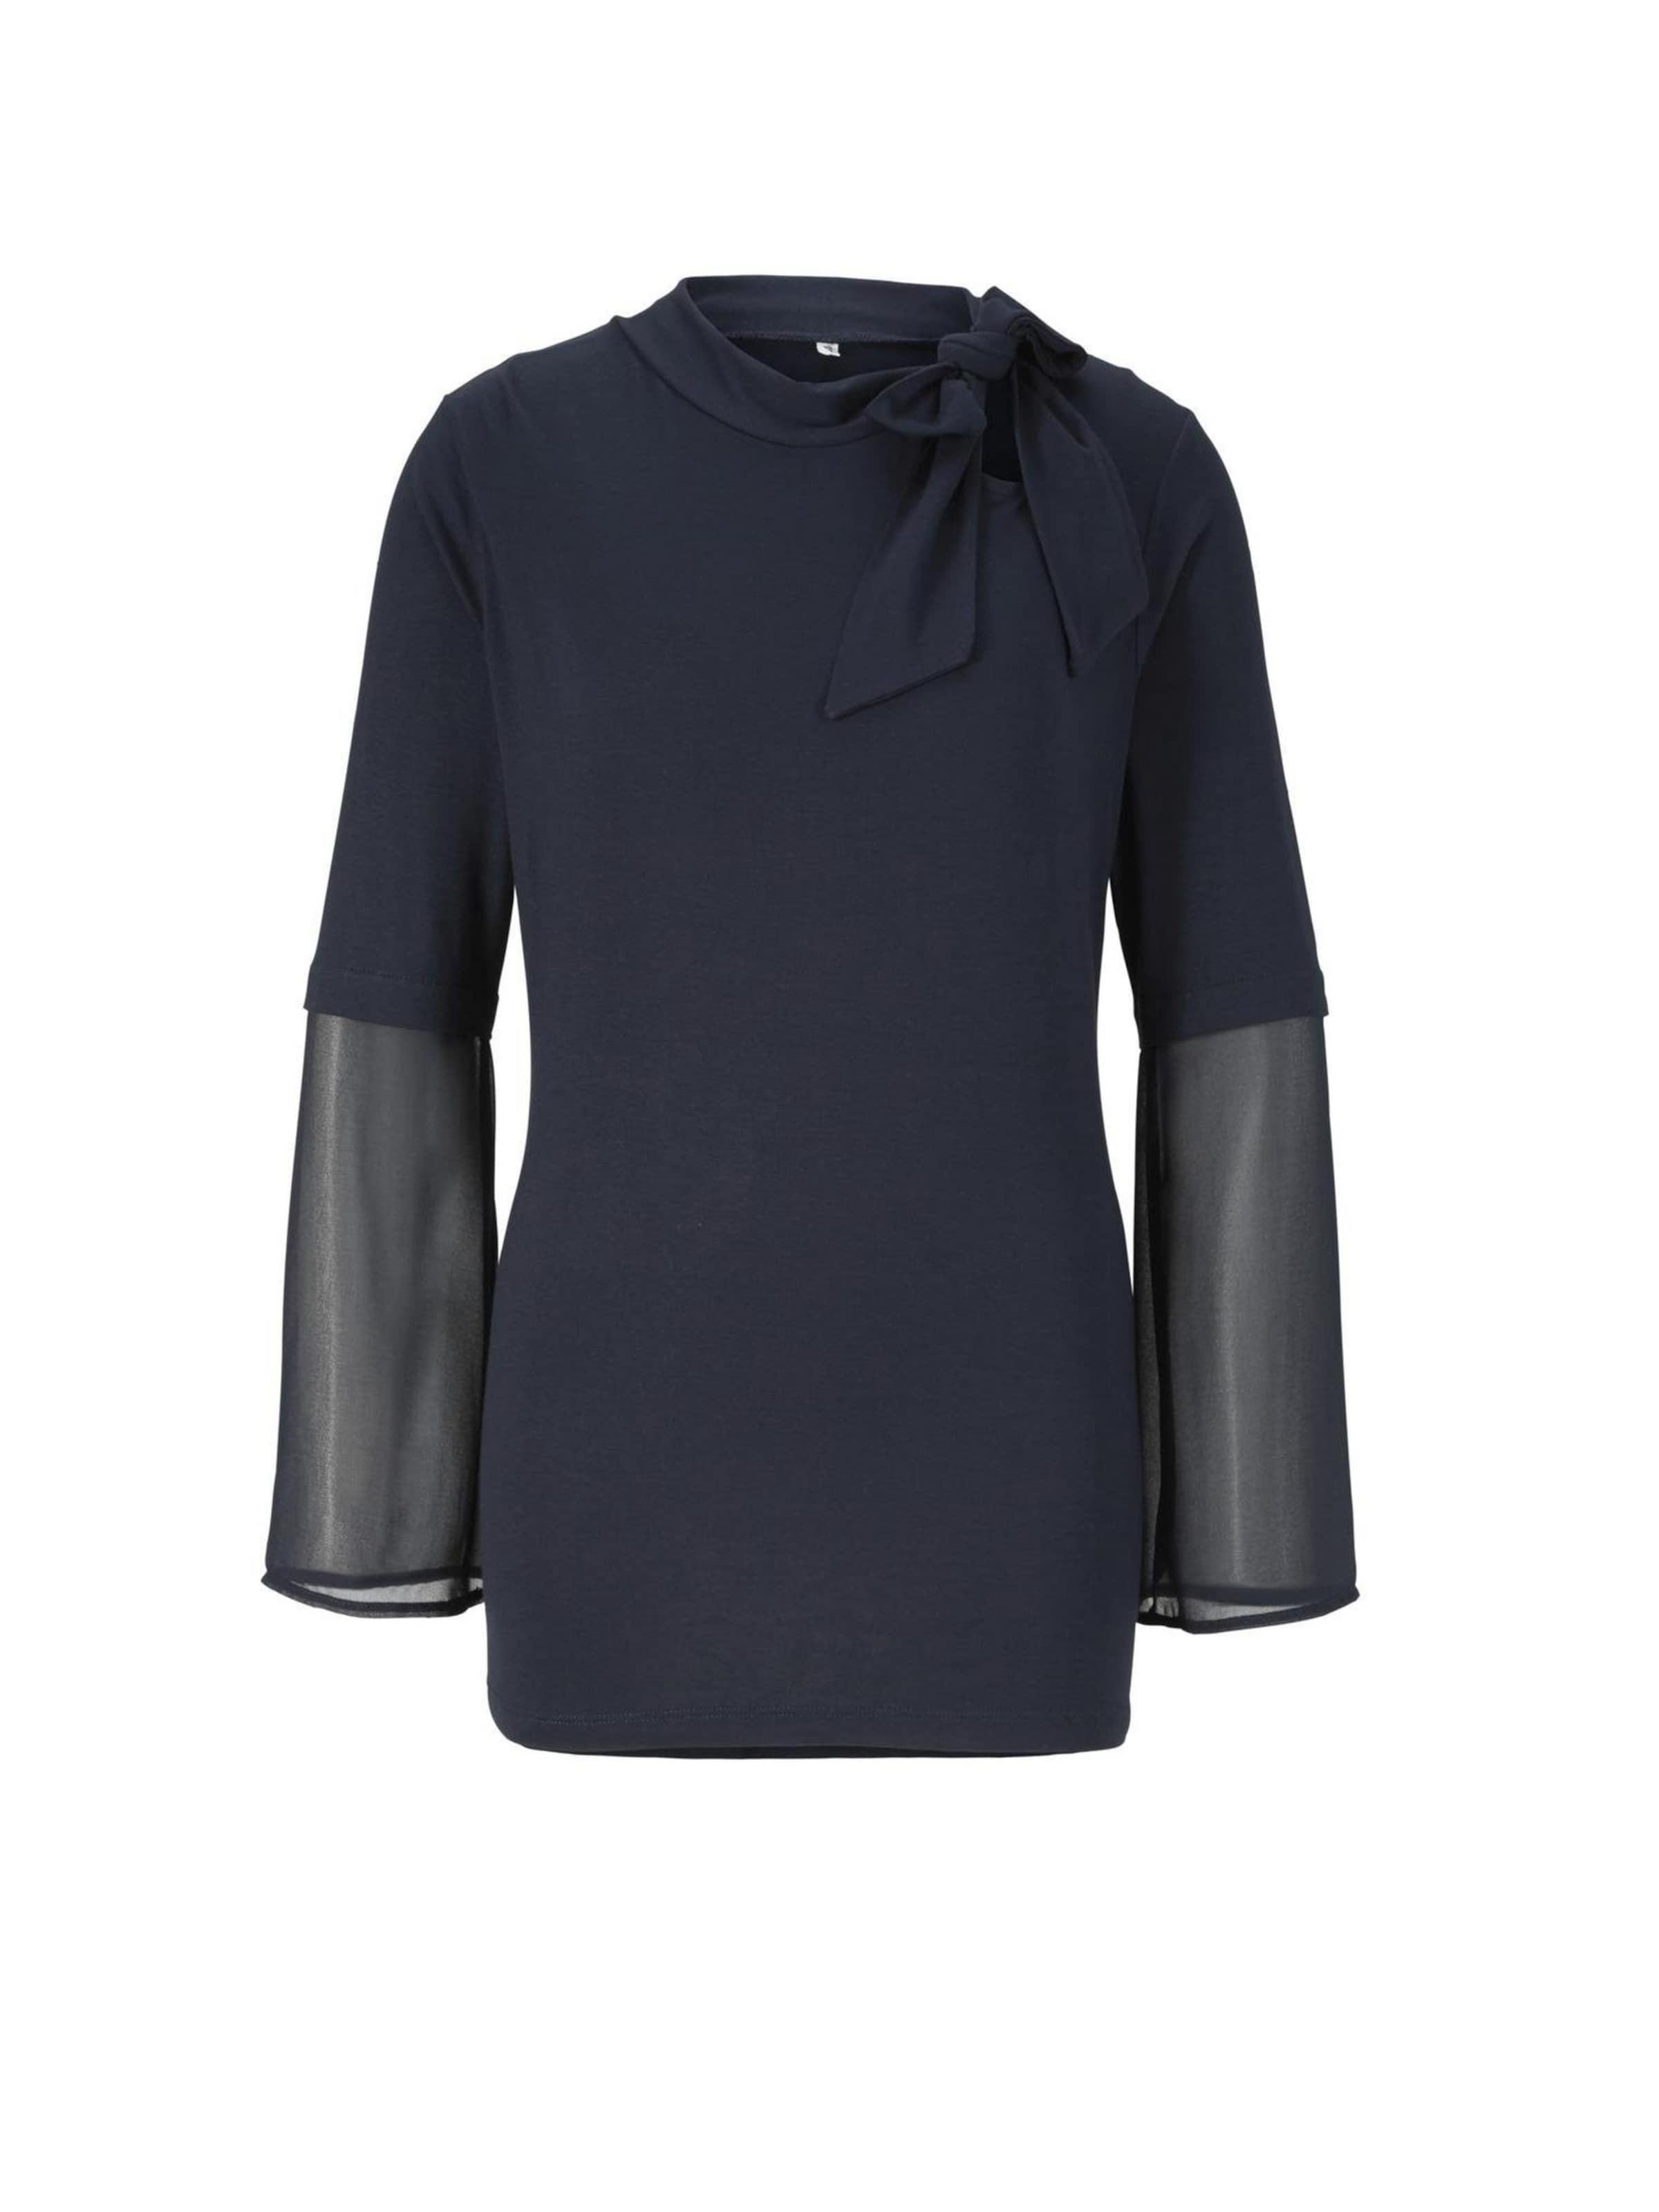 Marine In Shirt Shirt Shirt In Marine Marine Heine Heine Heine In 8n0wONkZPX